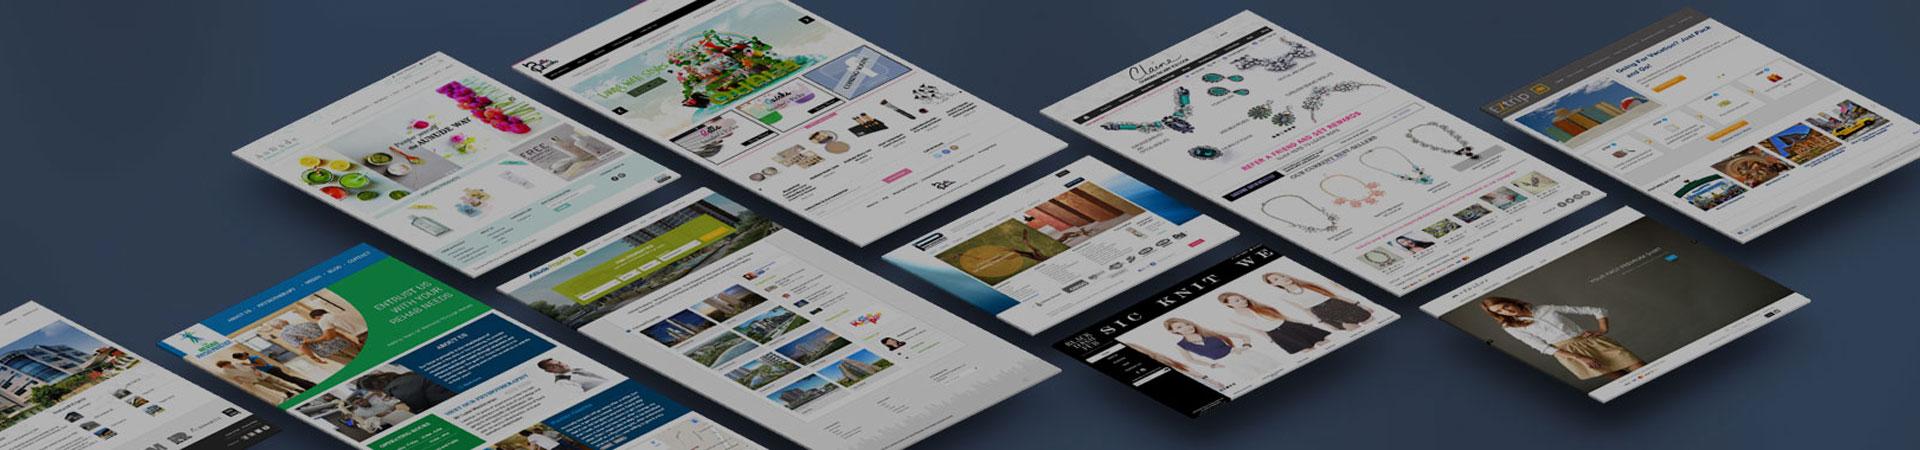 Website Design Singapore - Acorn Training Consultancy